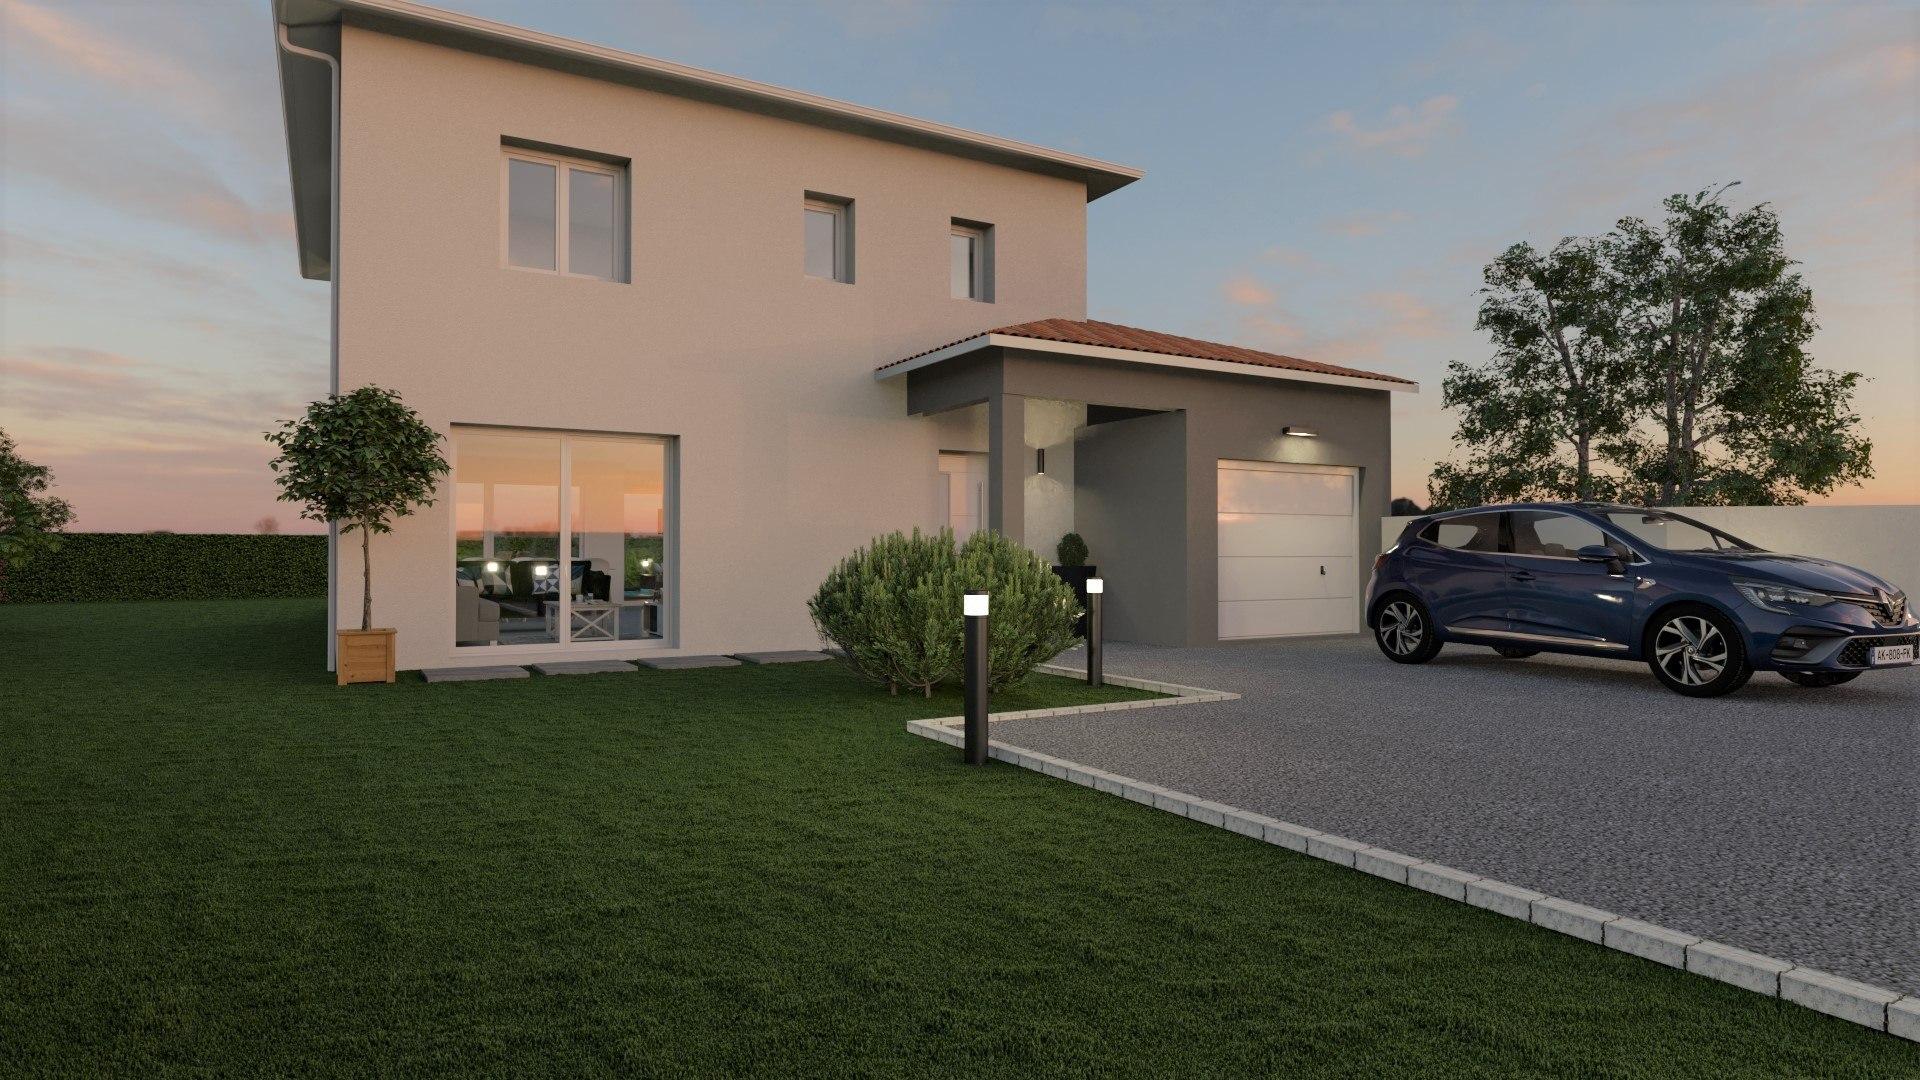 Maisons + Terrains du constructeur DEMEURES CALADOISES BRON • 92 m² • CHAZEY SUR AIN